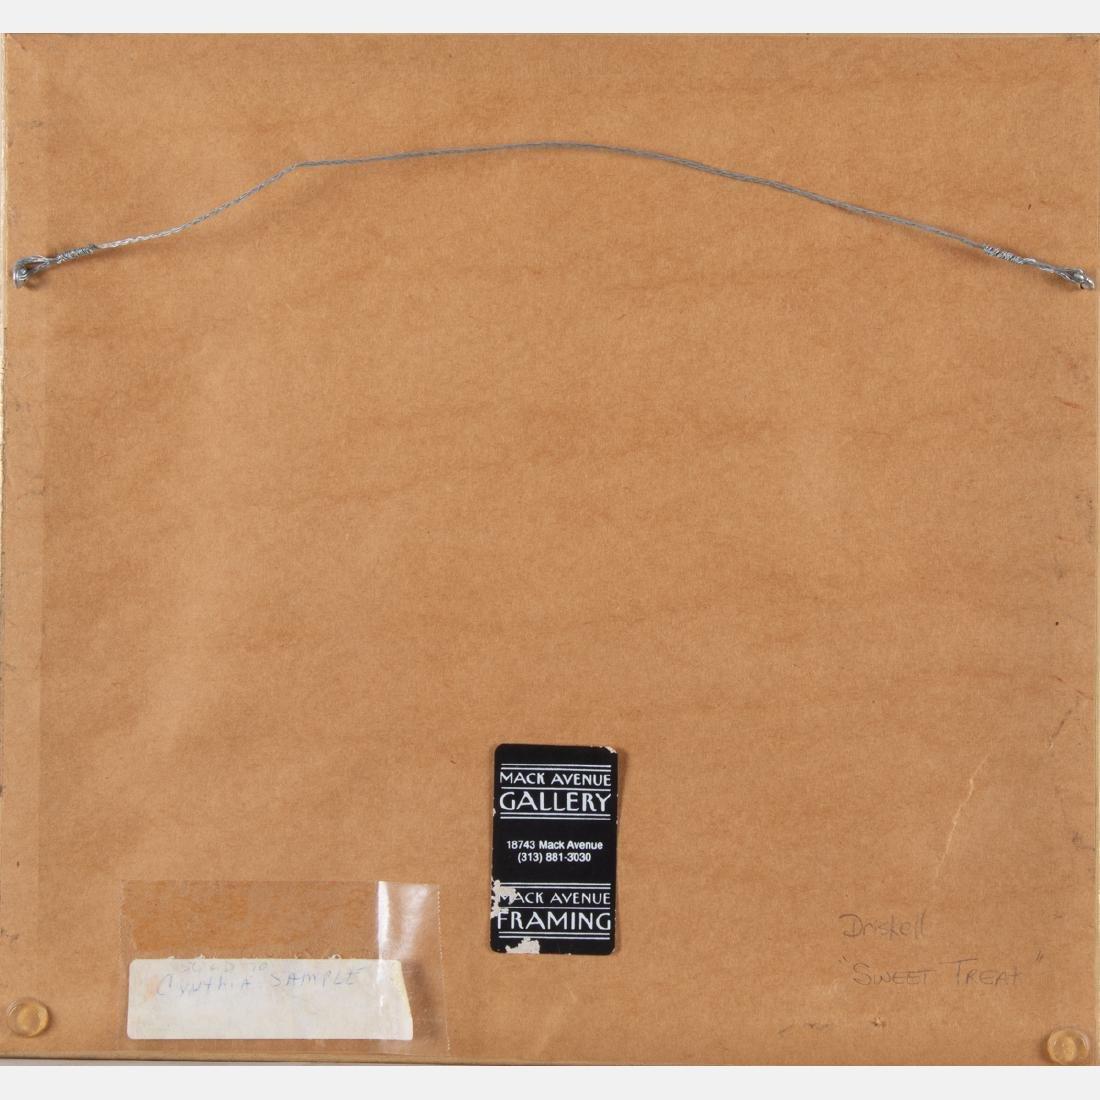 David Clyde Driskell (b. 1931) Sweet Treat, Mixed media - 3